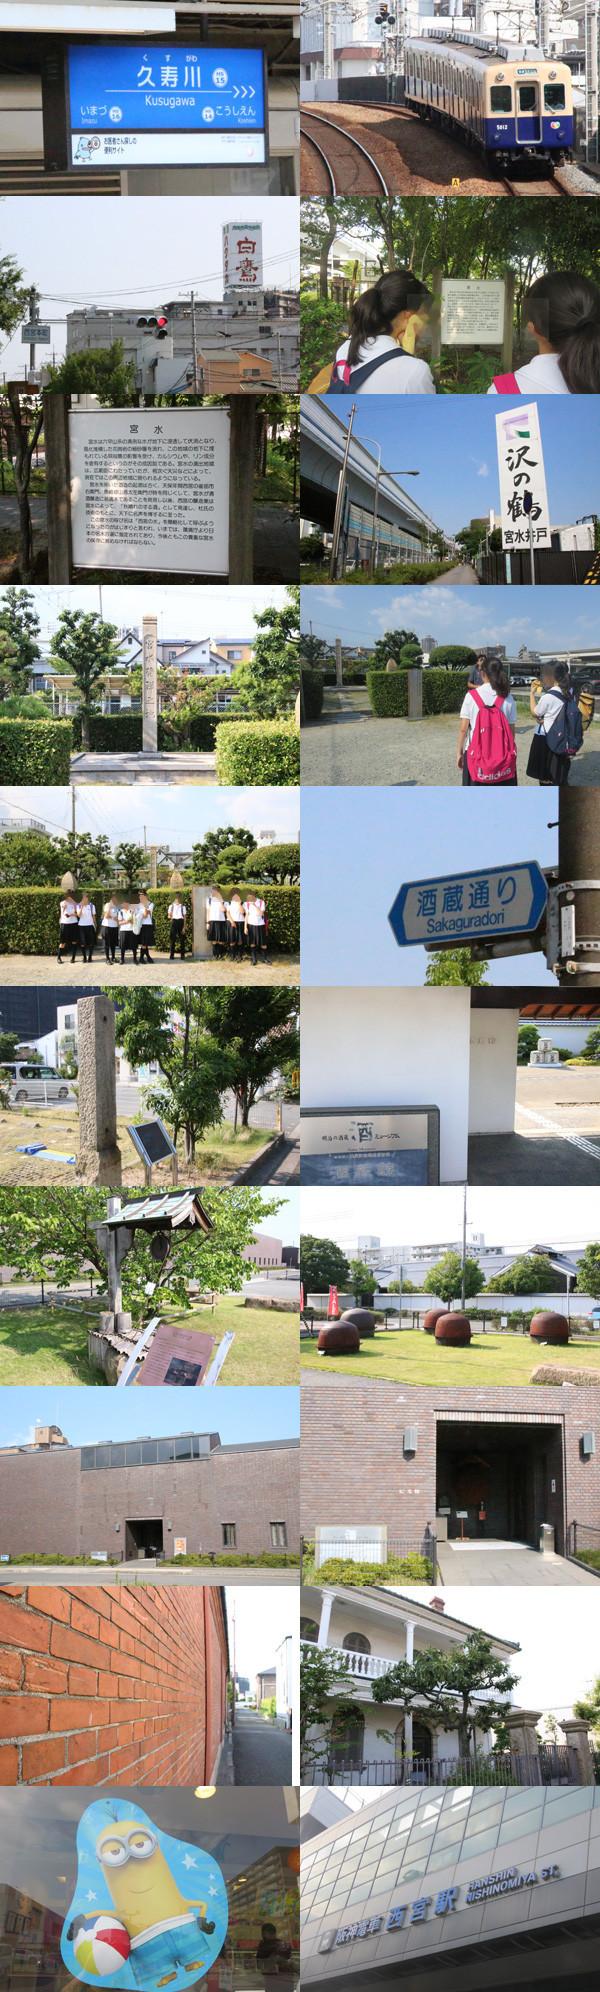 f:id:toshobu:20180727234448j:image